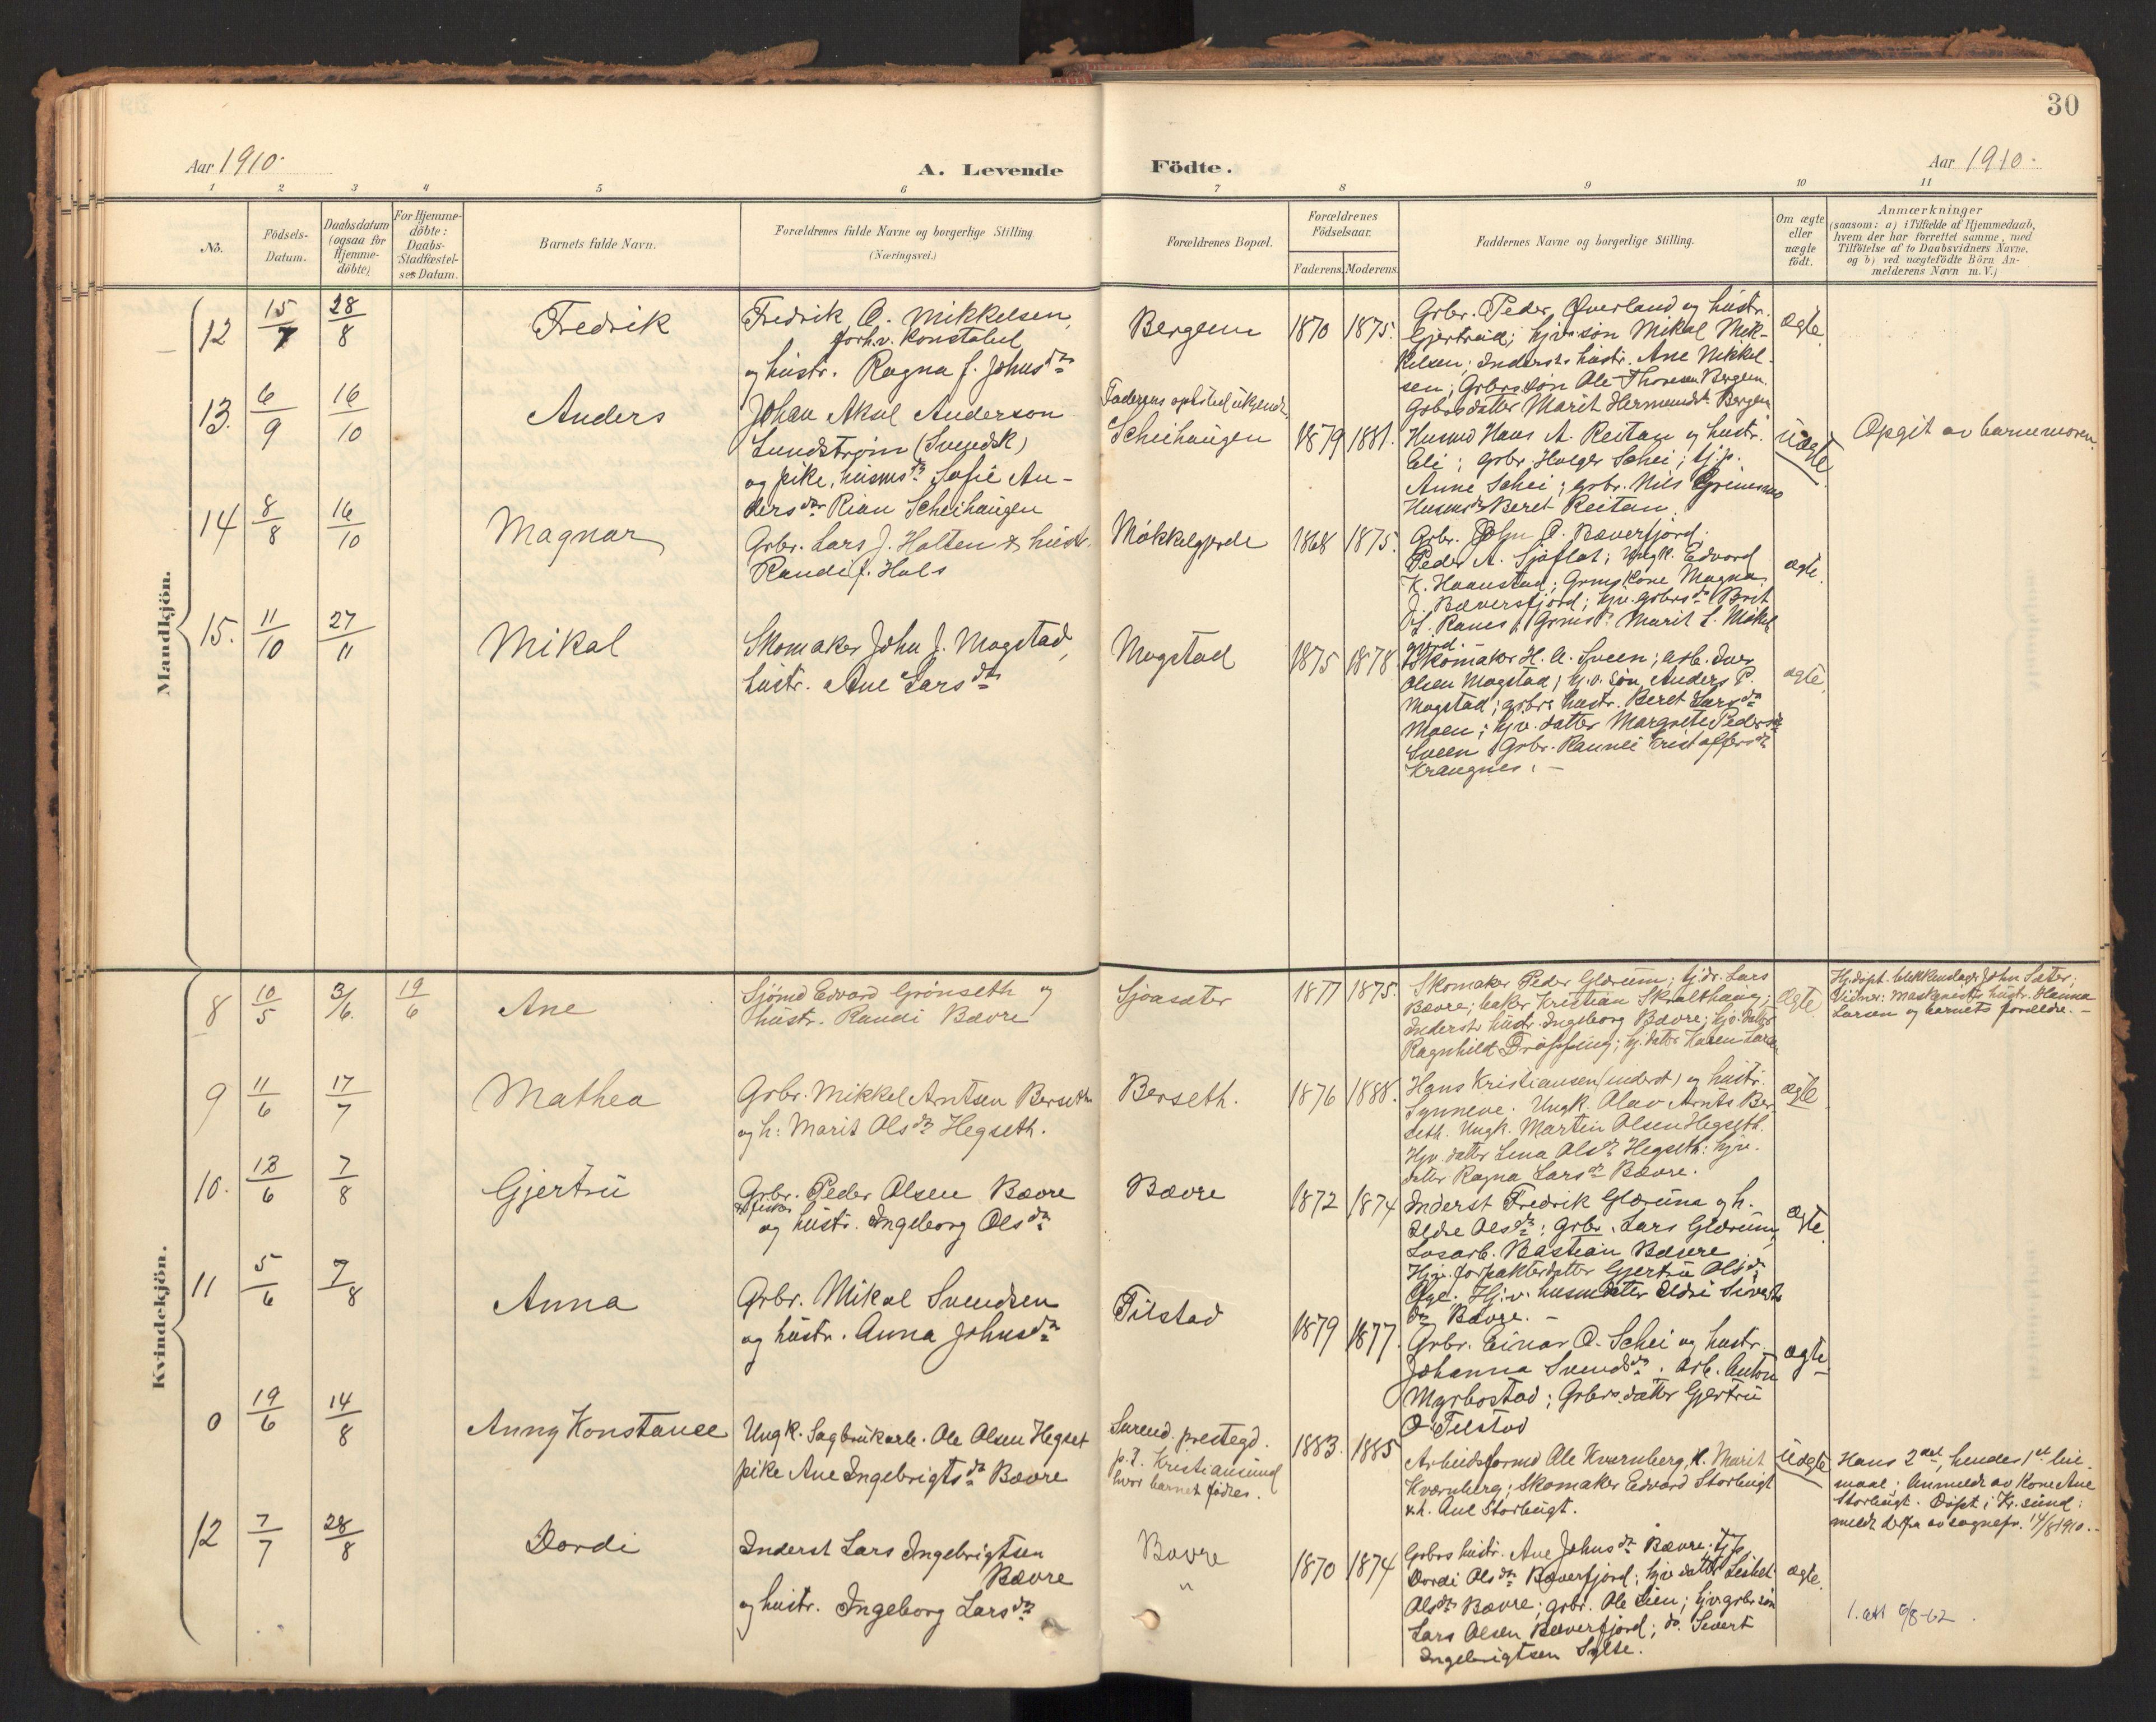 SAT, Ministerialprotokoller, klokkerbøker og fødselsregistre - Møre og Romsdal, 595/L1048: Ministerialbok nr. 595A10, 1900-1917, s. 30